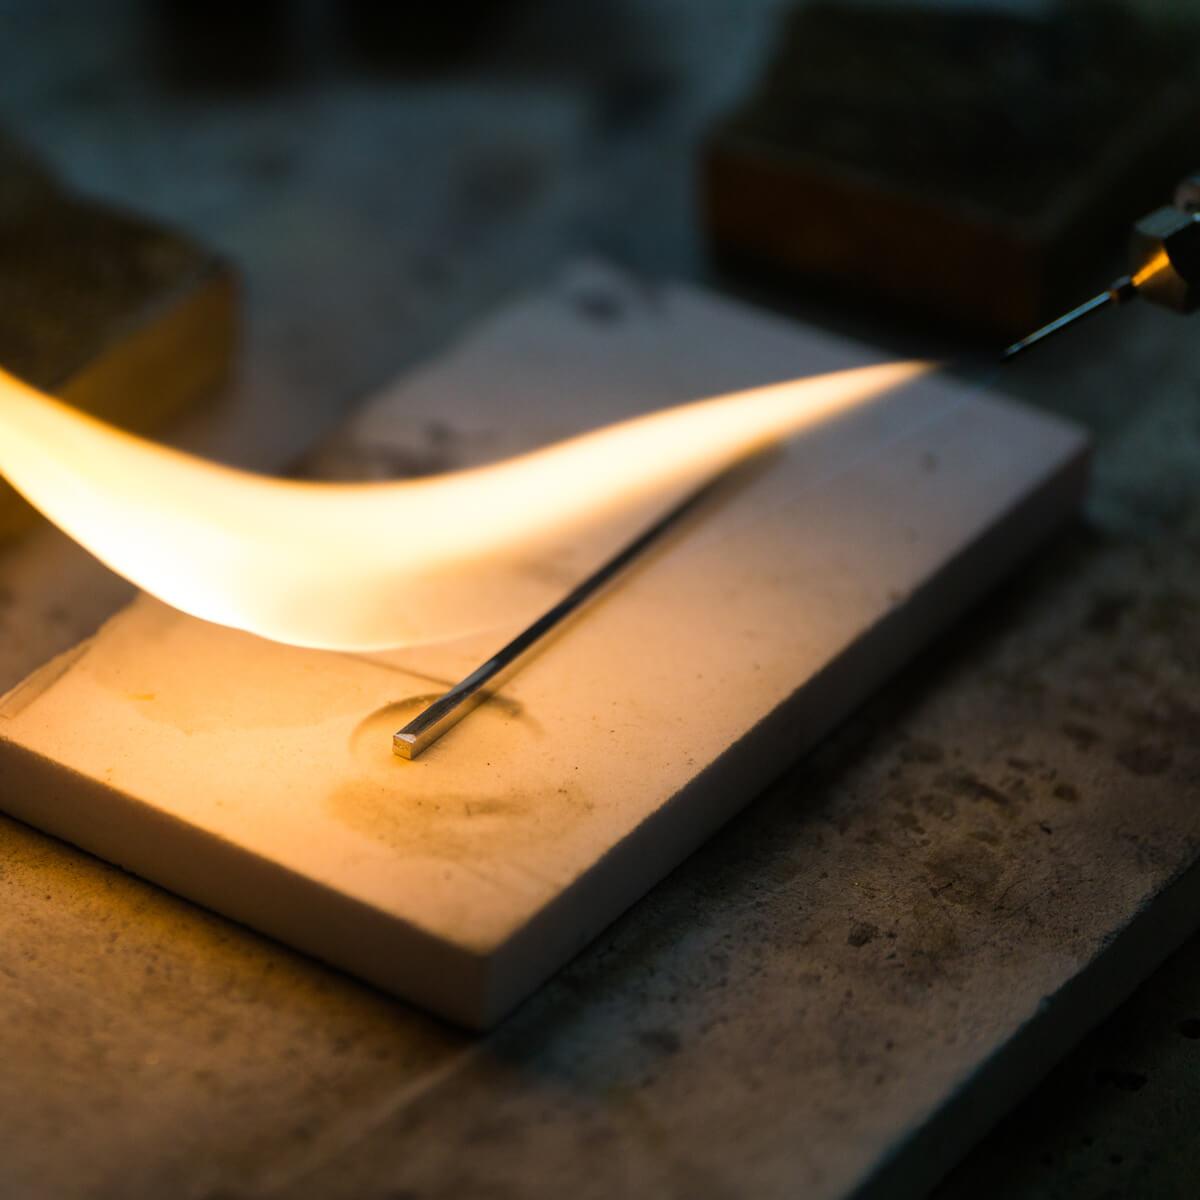 オーダーメイドマリッジリングの制作風景 ジュエリーのアトリエ プラチナ素材、バーナオーの火 屋久島でつくる結婚指輪